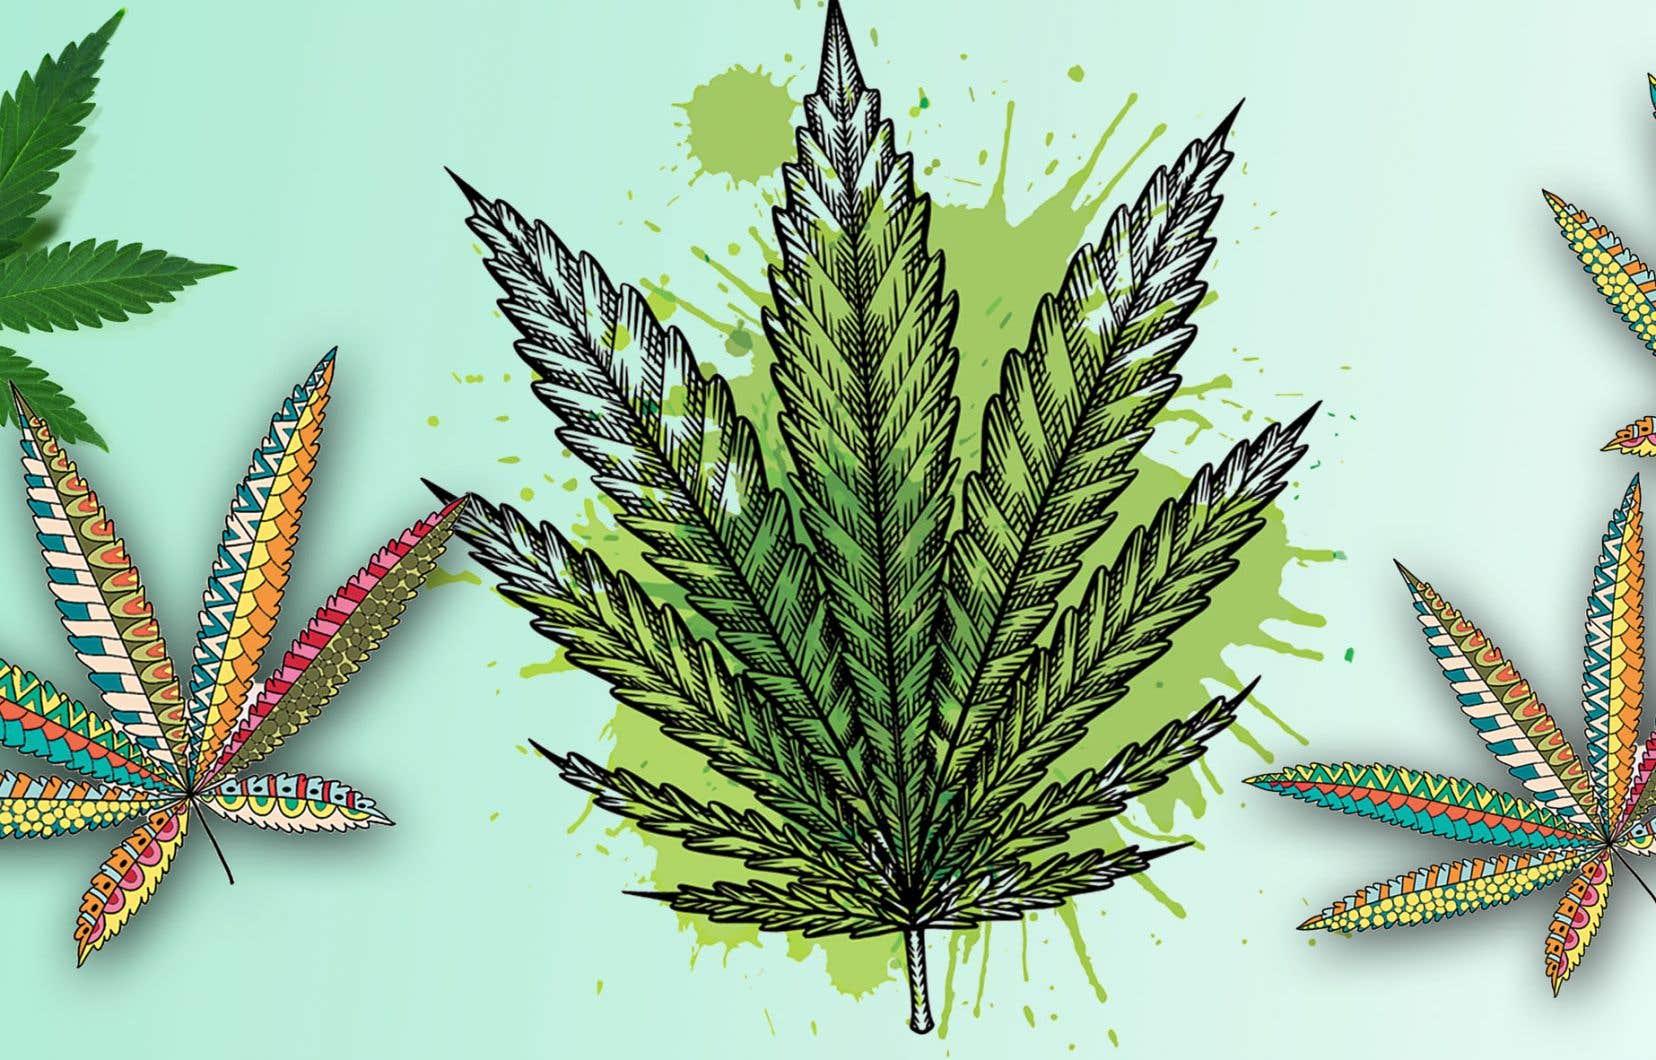 La façon dont on parle de cette drogue a évolué au fil du temps. Les mots pour la dire ont changé. Et ce, de manière marquée depuis la légalisation du cannabis.